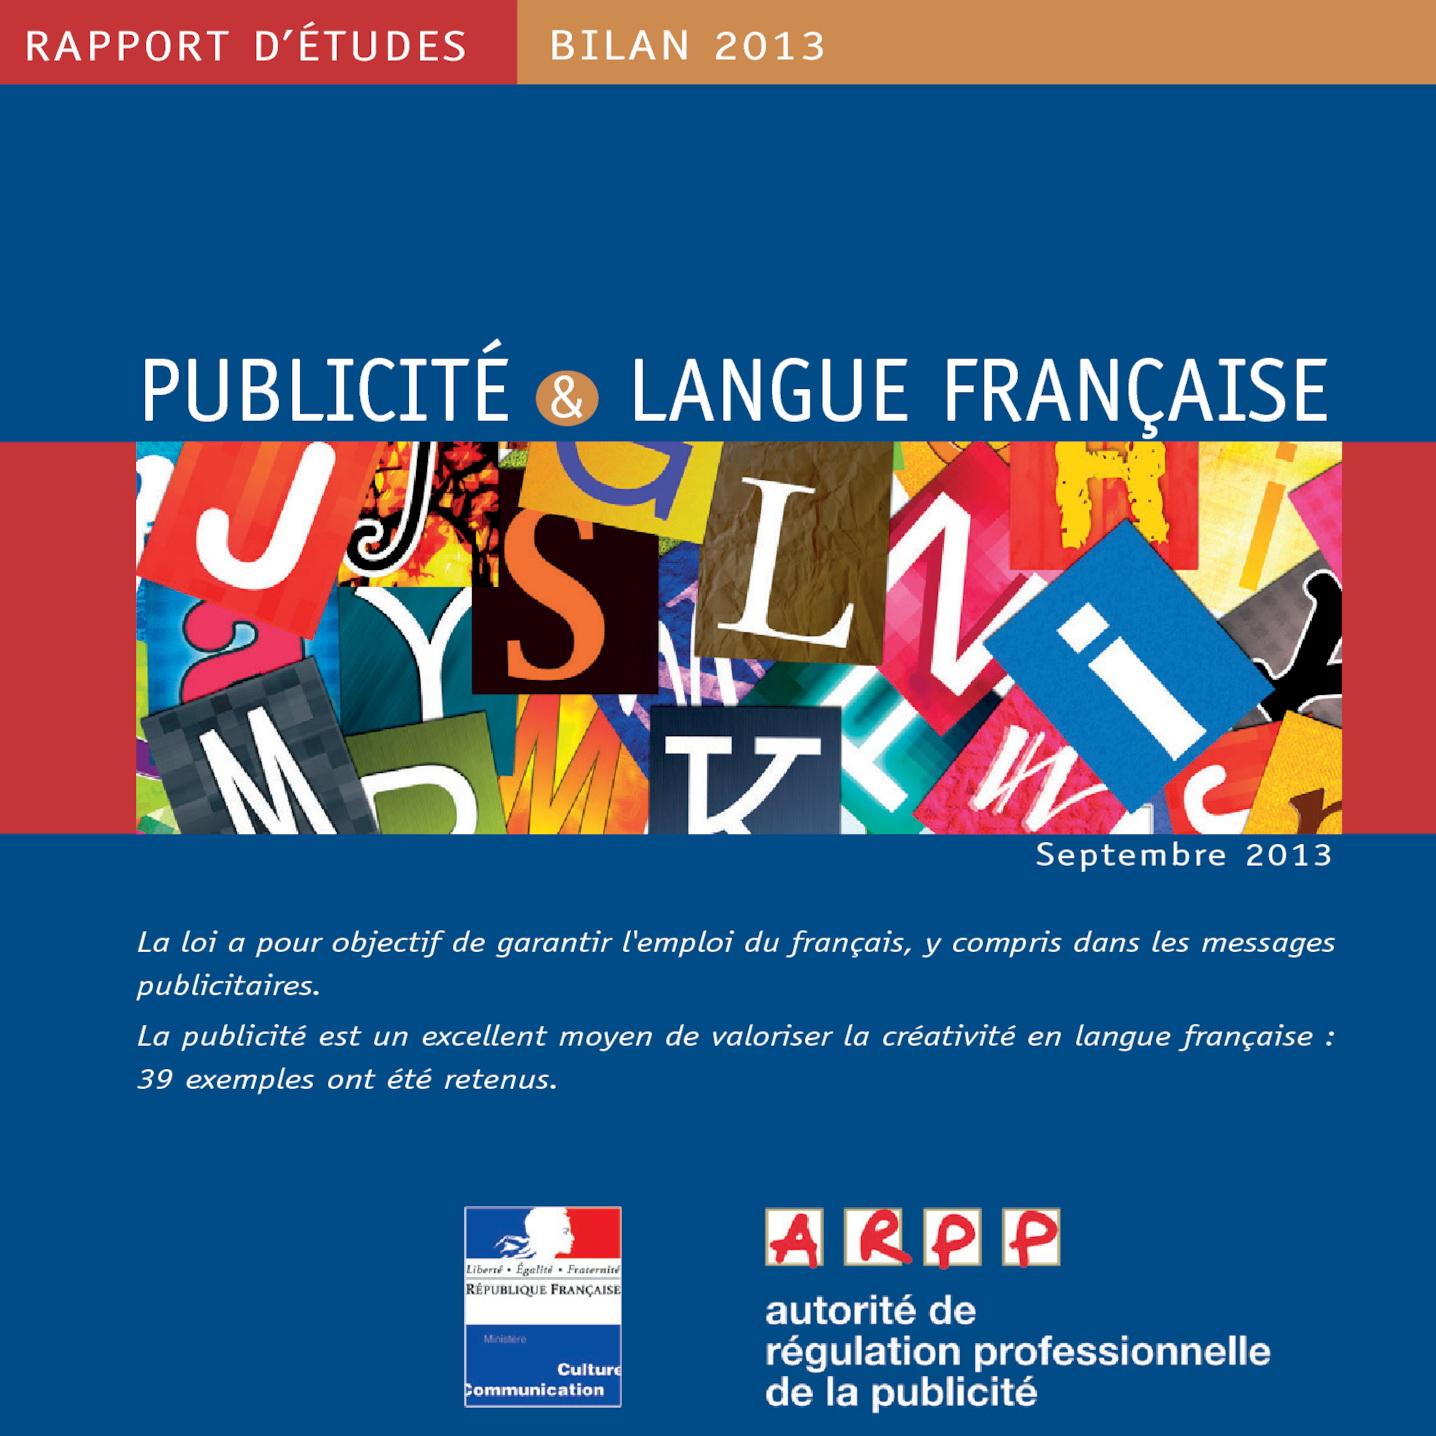 Bilan Publicité et Langue Française 2013